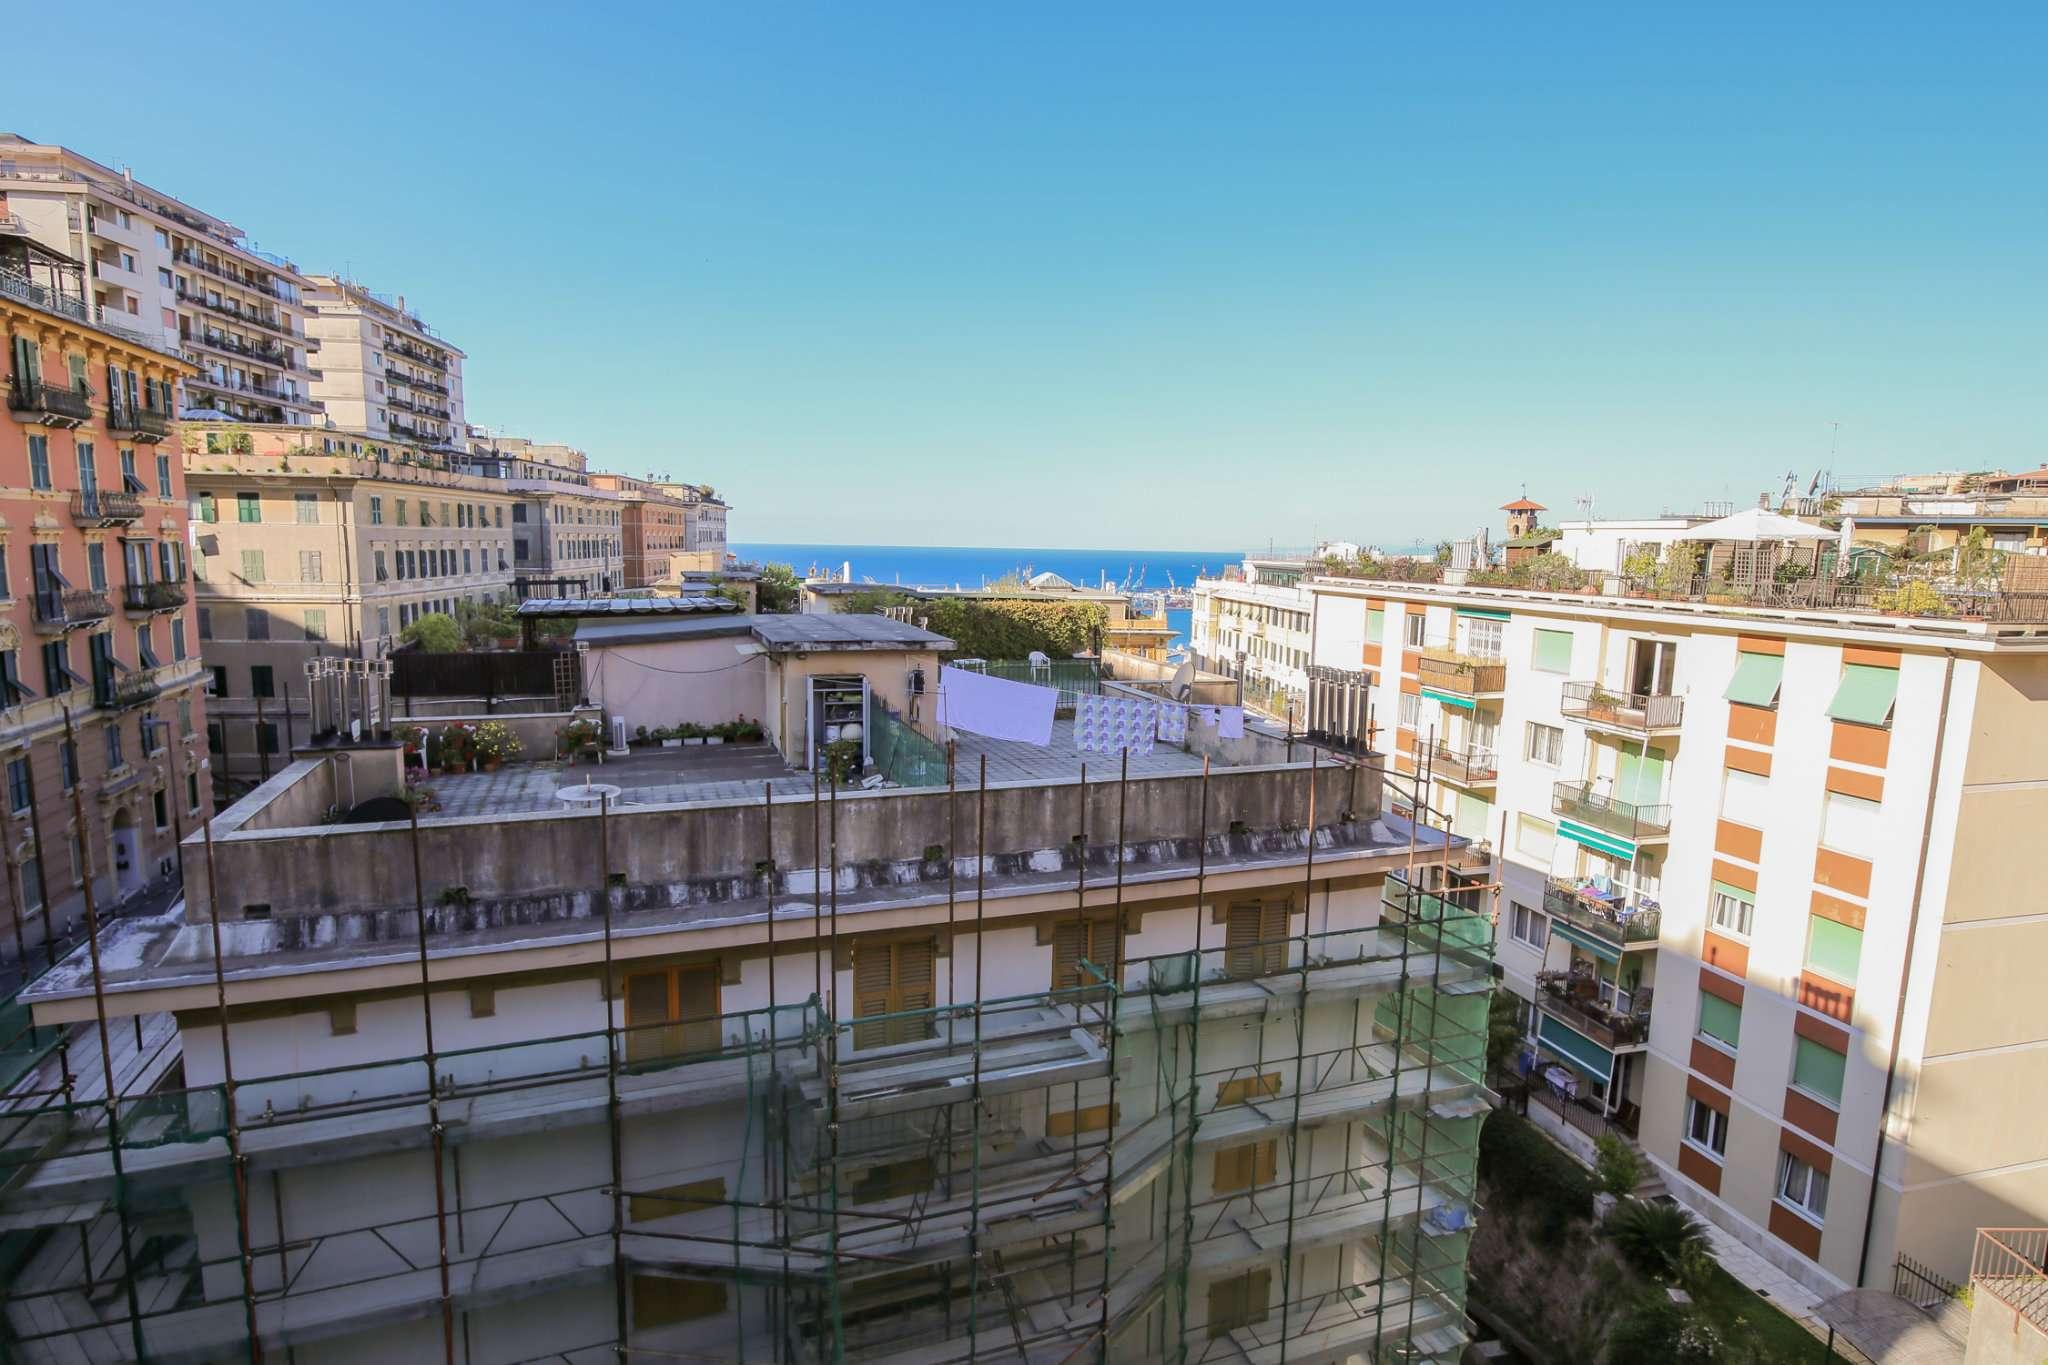 Appartamento genova vendita 95 mq riscaldamento for Accensione riscaldamento genova 2017